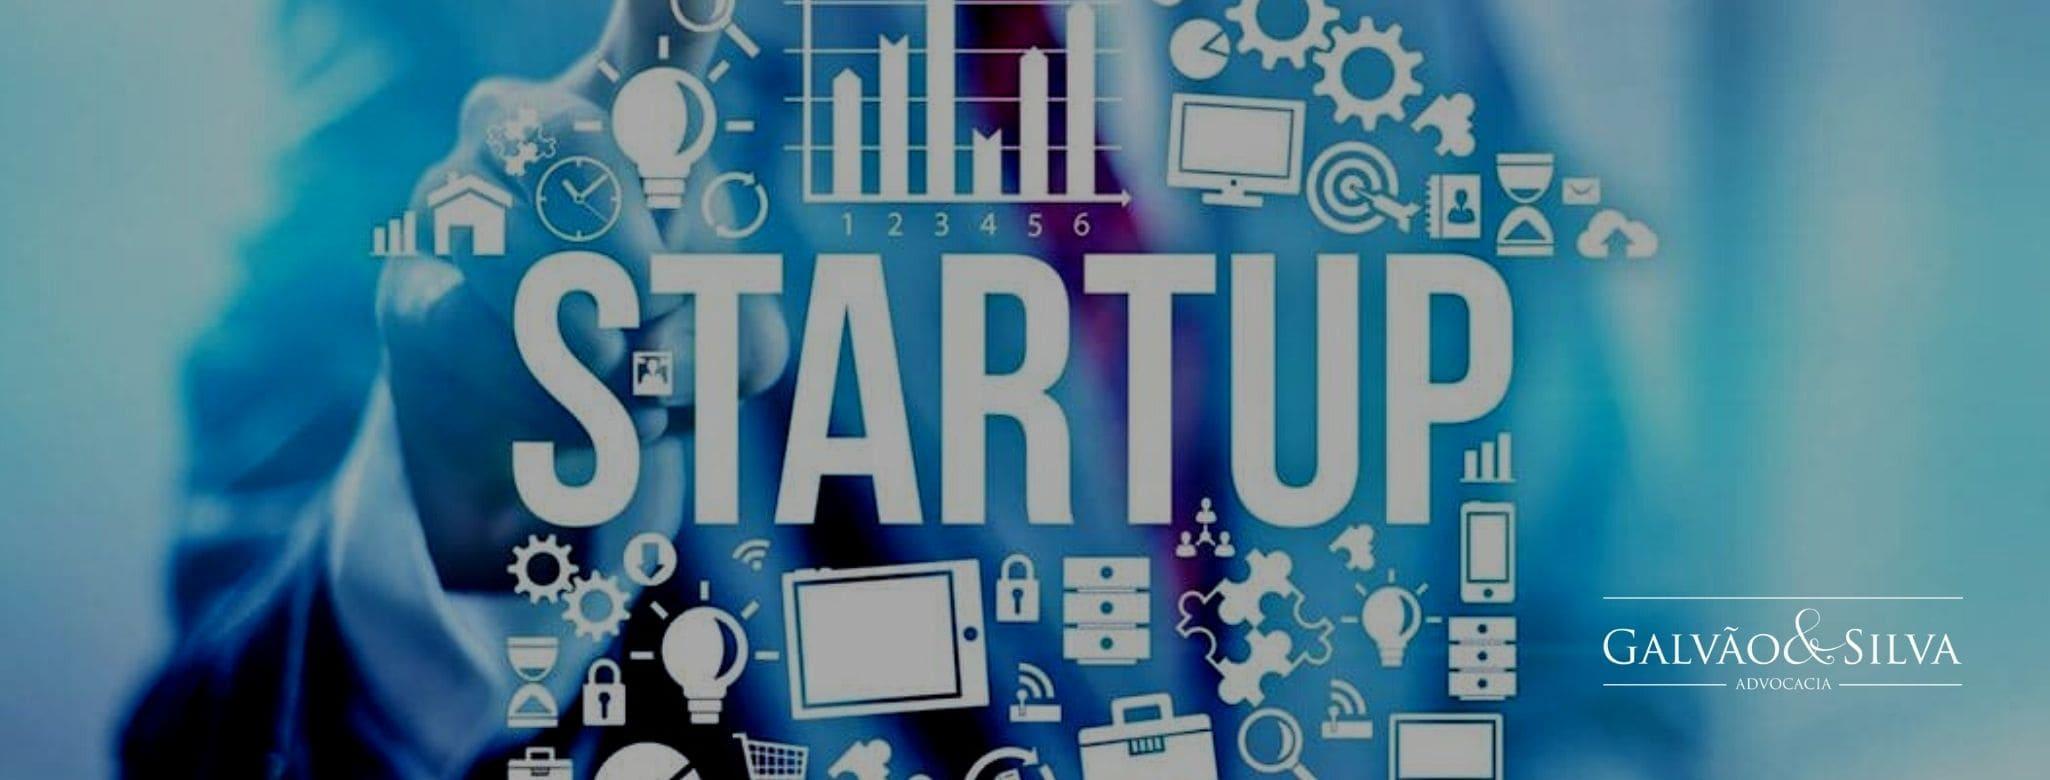 Escritório de Advocacia Especializado em Startups